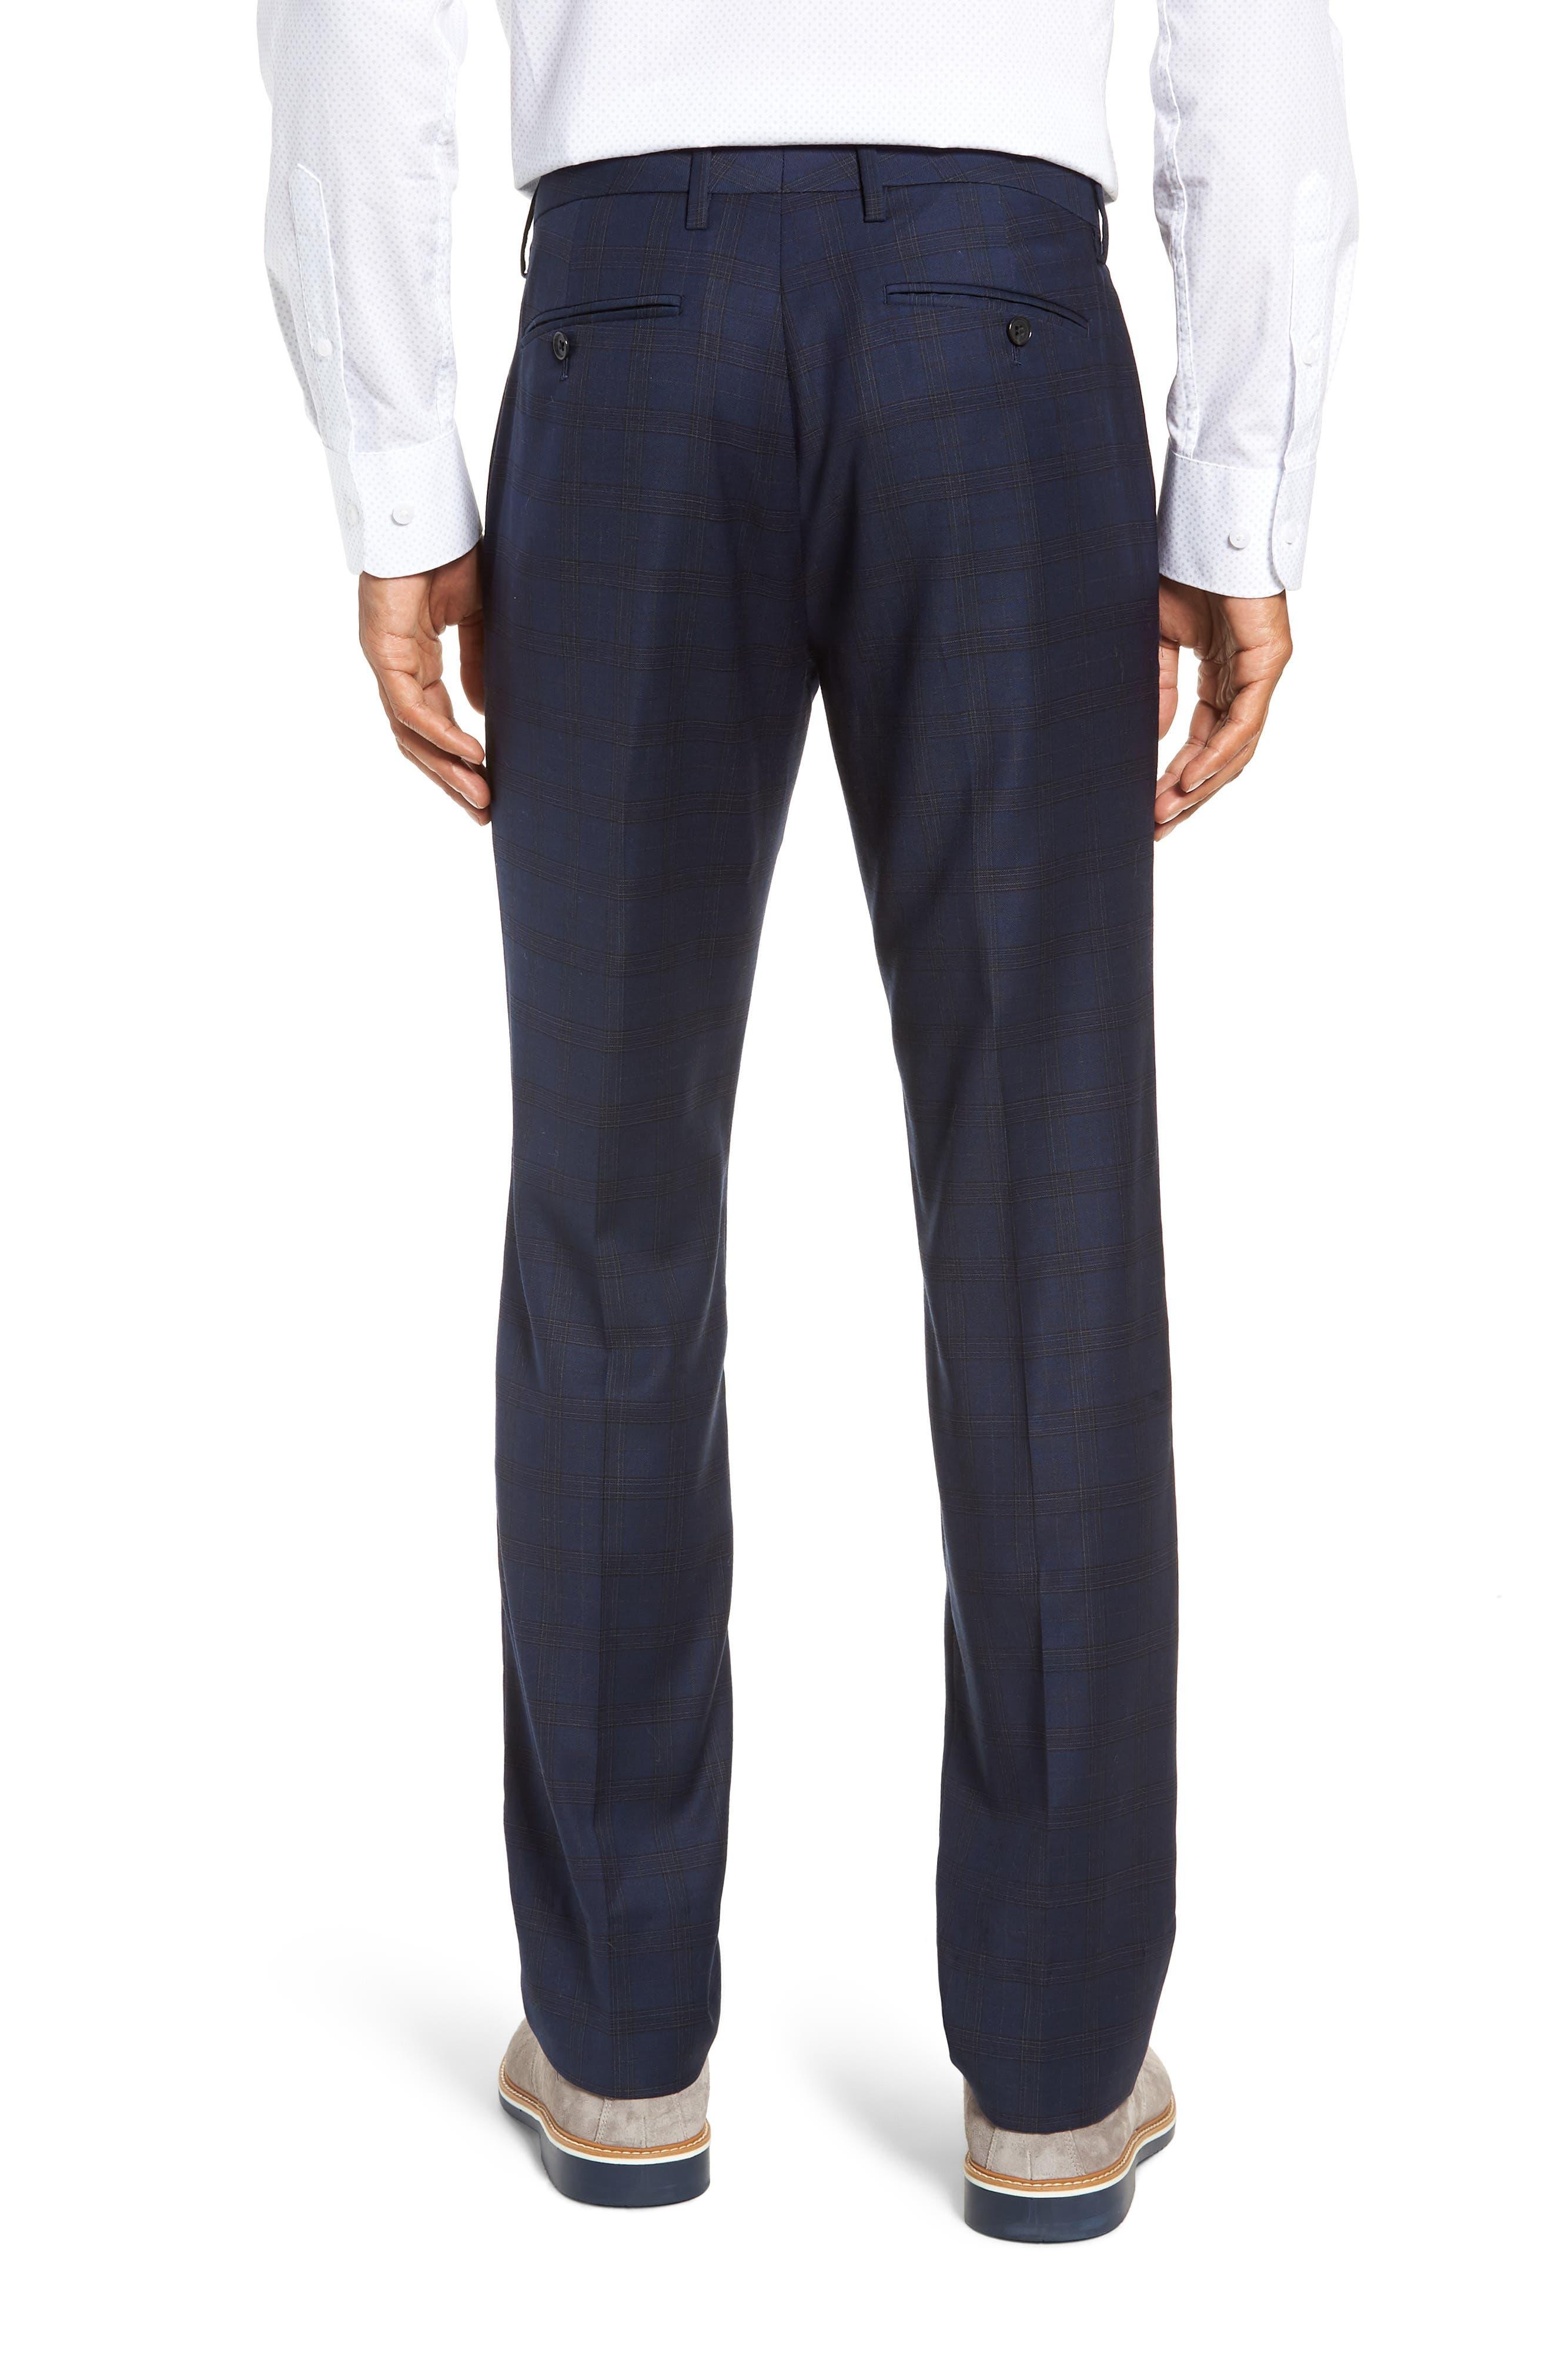 Jetsetter Slim Fit Stretch Suit Pants,                             Alternate thumbnail 2, color,                             SUBTLE NAVY PLAID